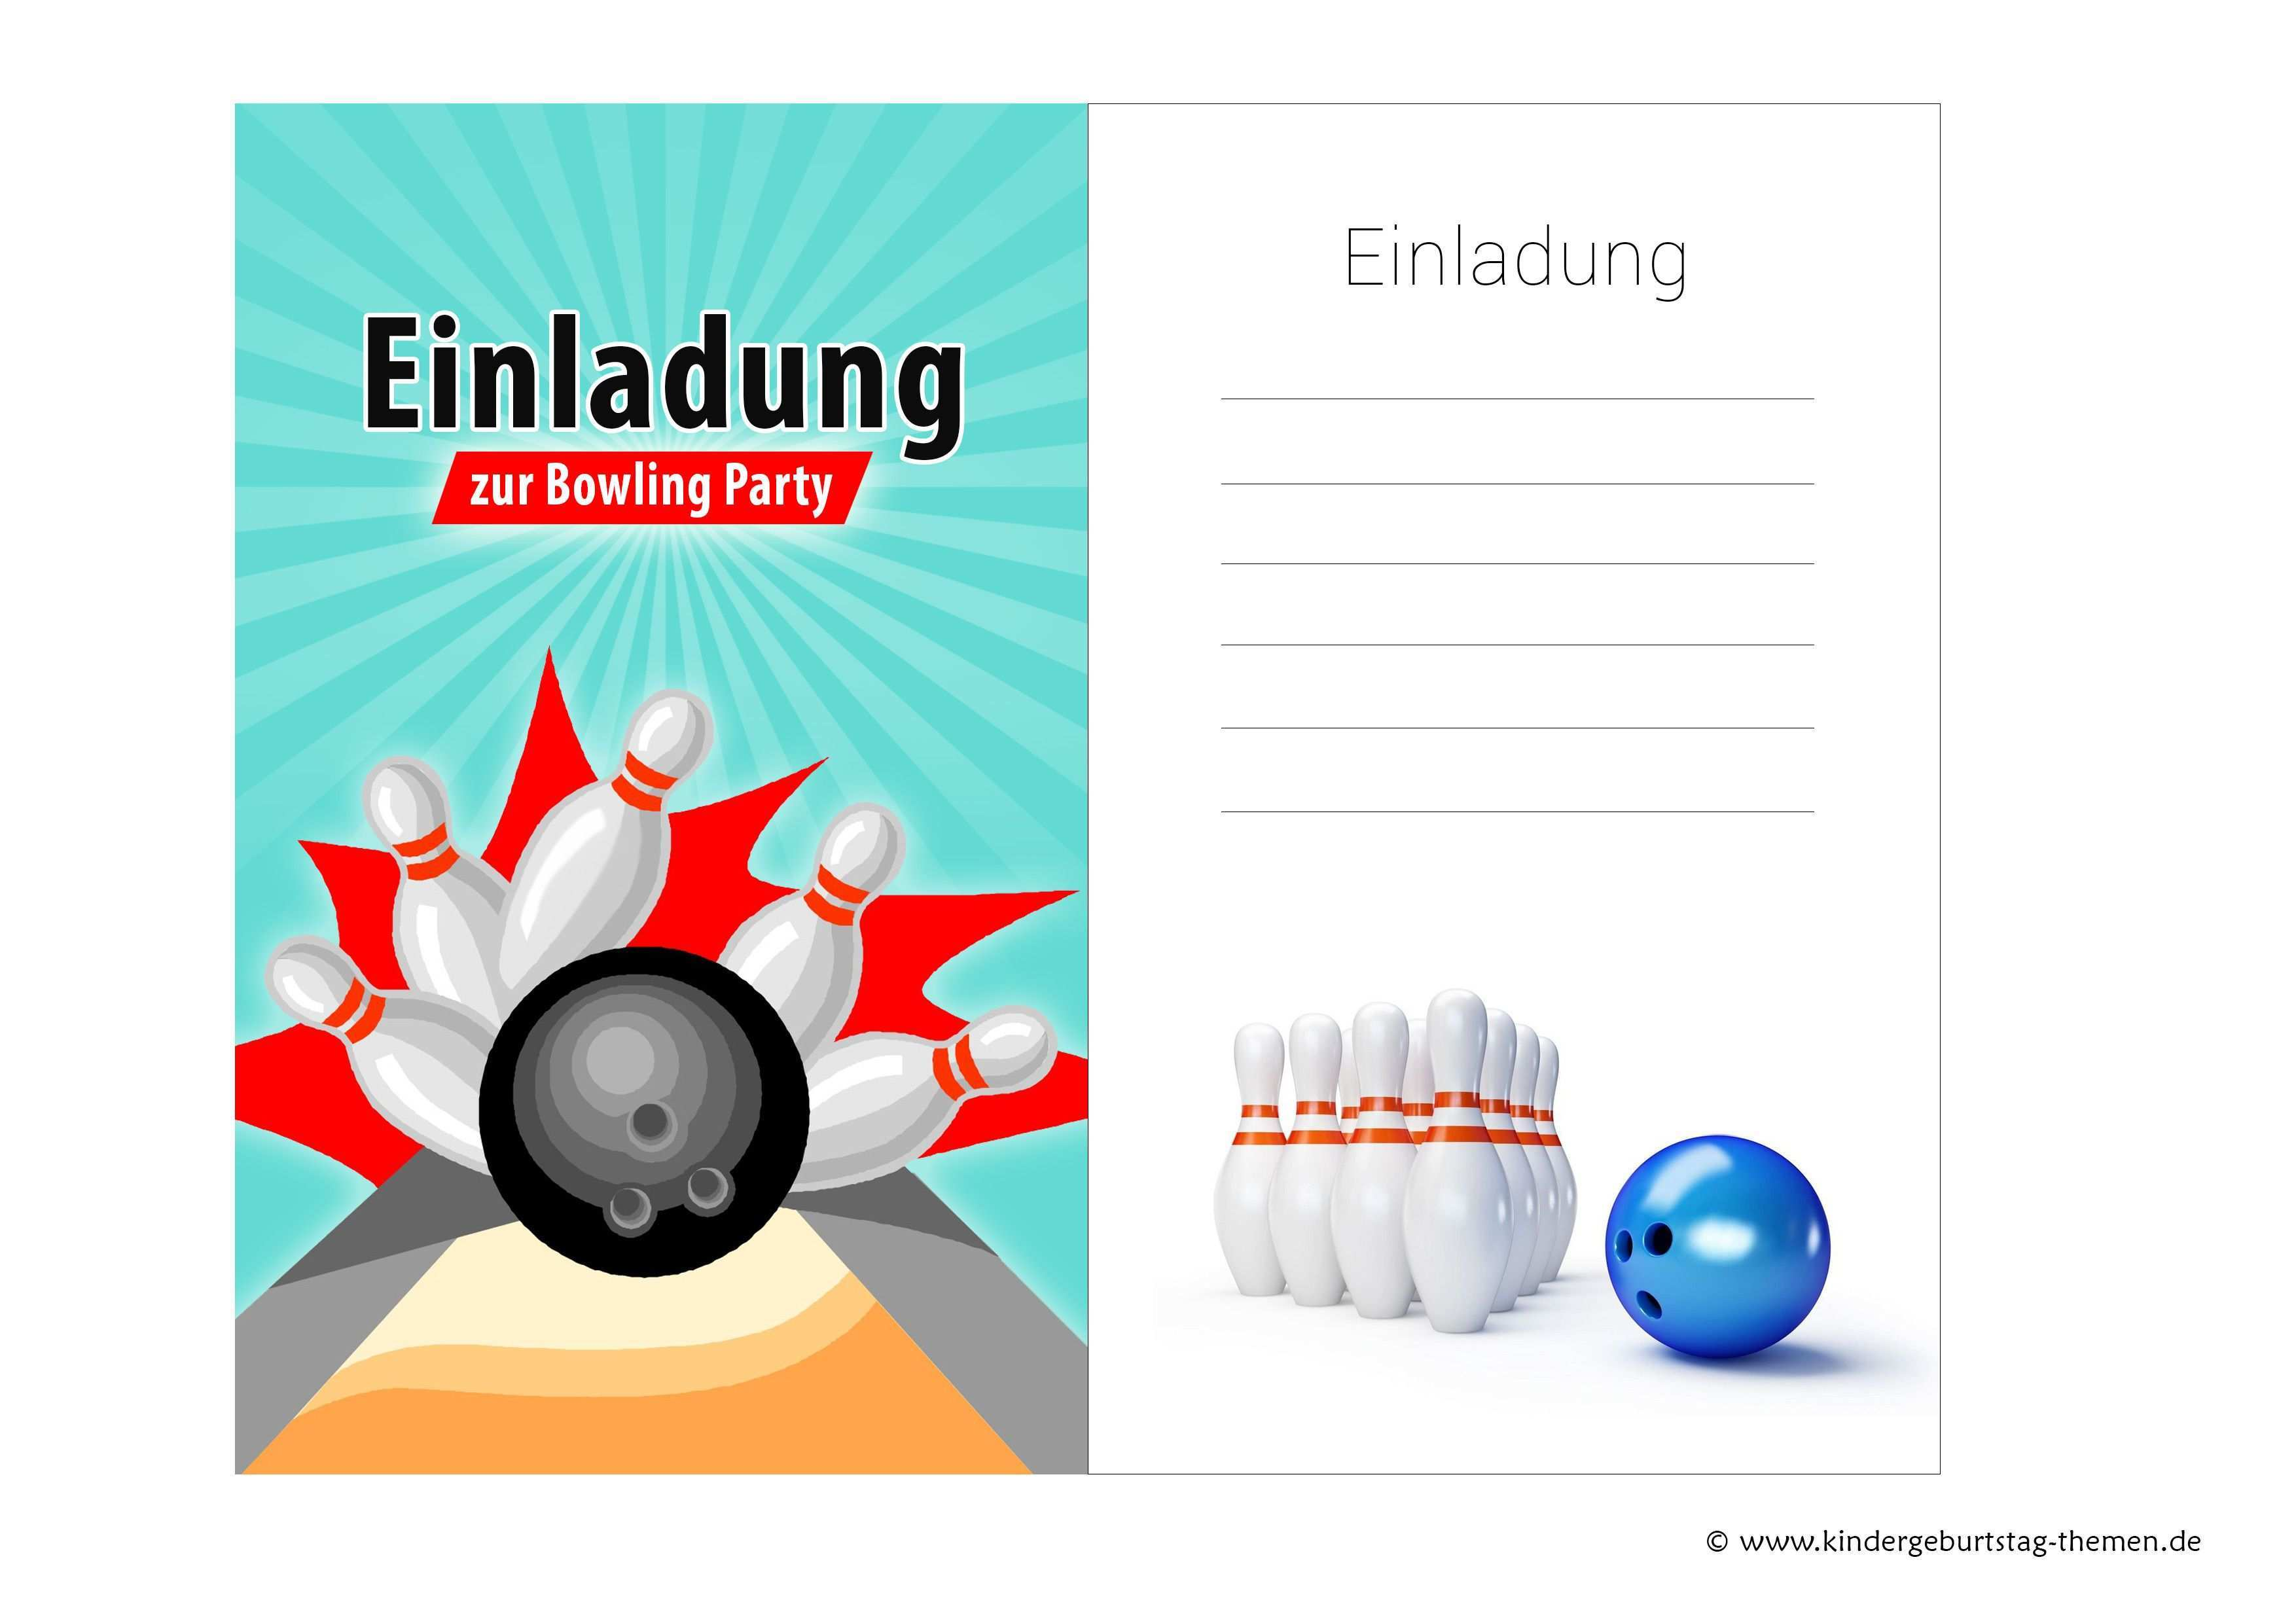 Einladung Kindergeburtstag Bowling Kegeln Kostenlose Vorlagen Der Einladungskarten Zum Ausdrucken Einladungskarten Geburtstag Kostenlos Einladungskarten Kindergeburtstag Einladungskarten Kindergeburtstag Kostenlos